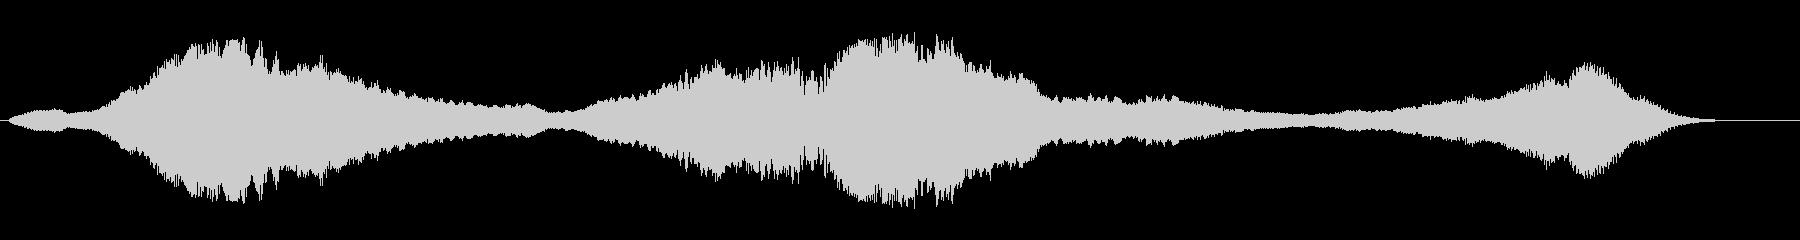 ヒューンヒューン(UFOが浮遊する音)の未再生の波形